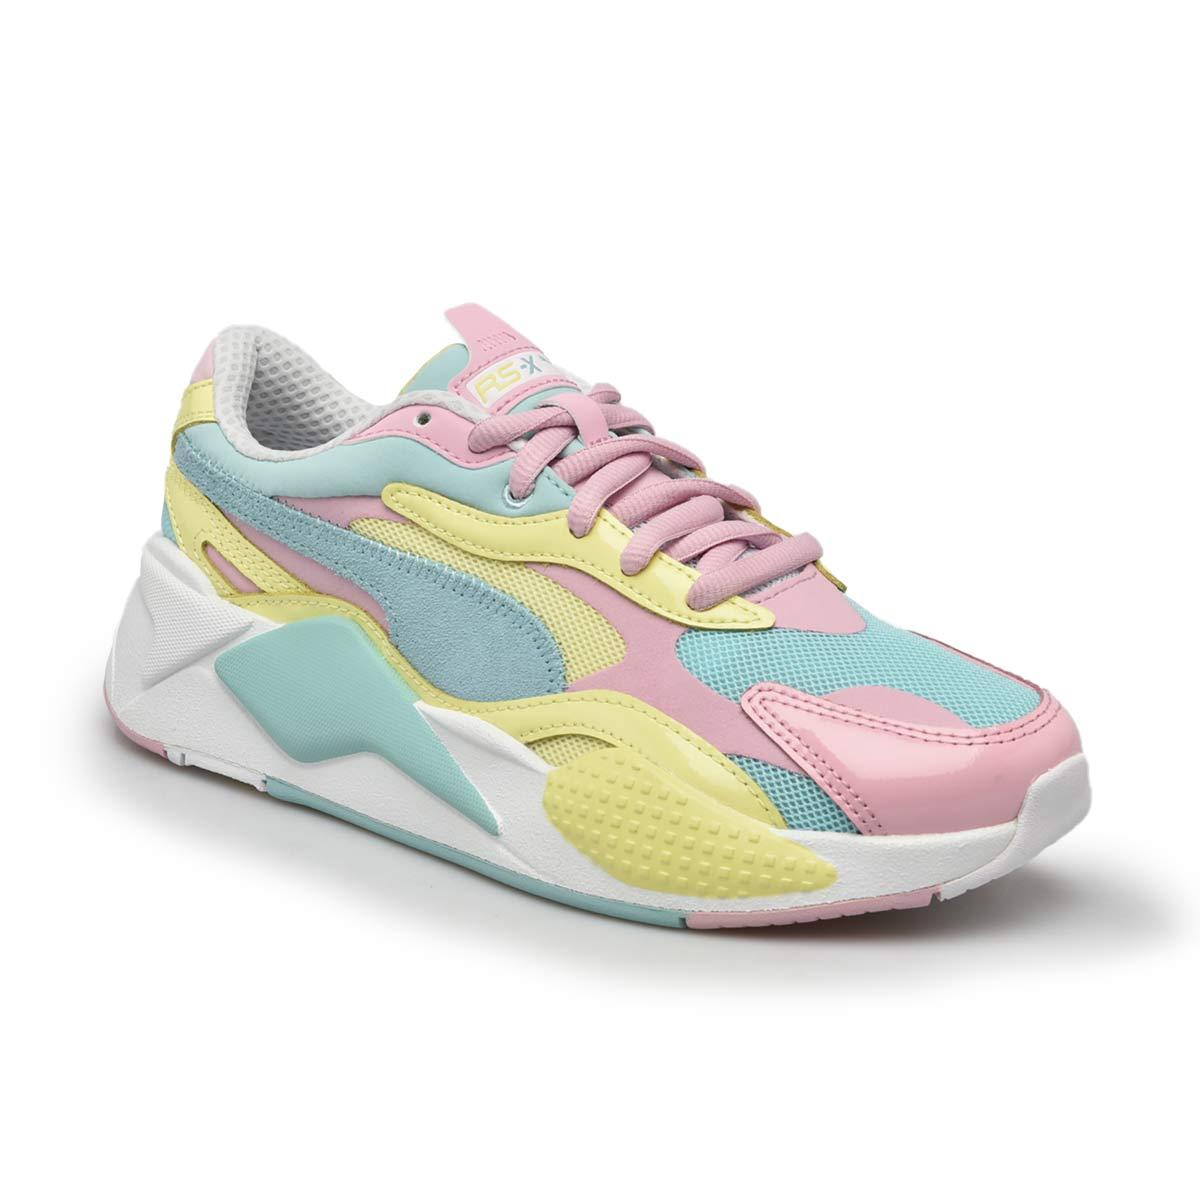 PUMA Women RS X Plastic Shoes